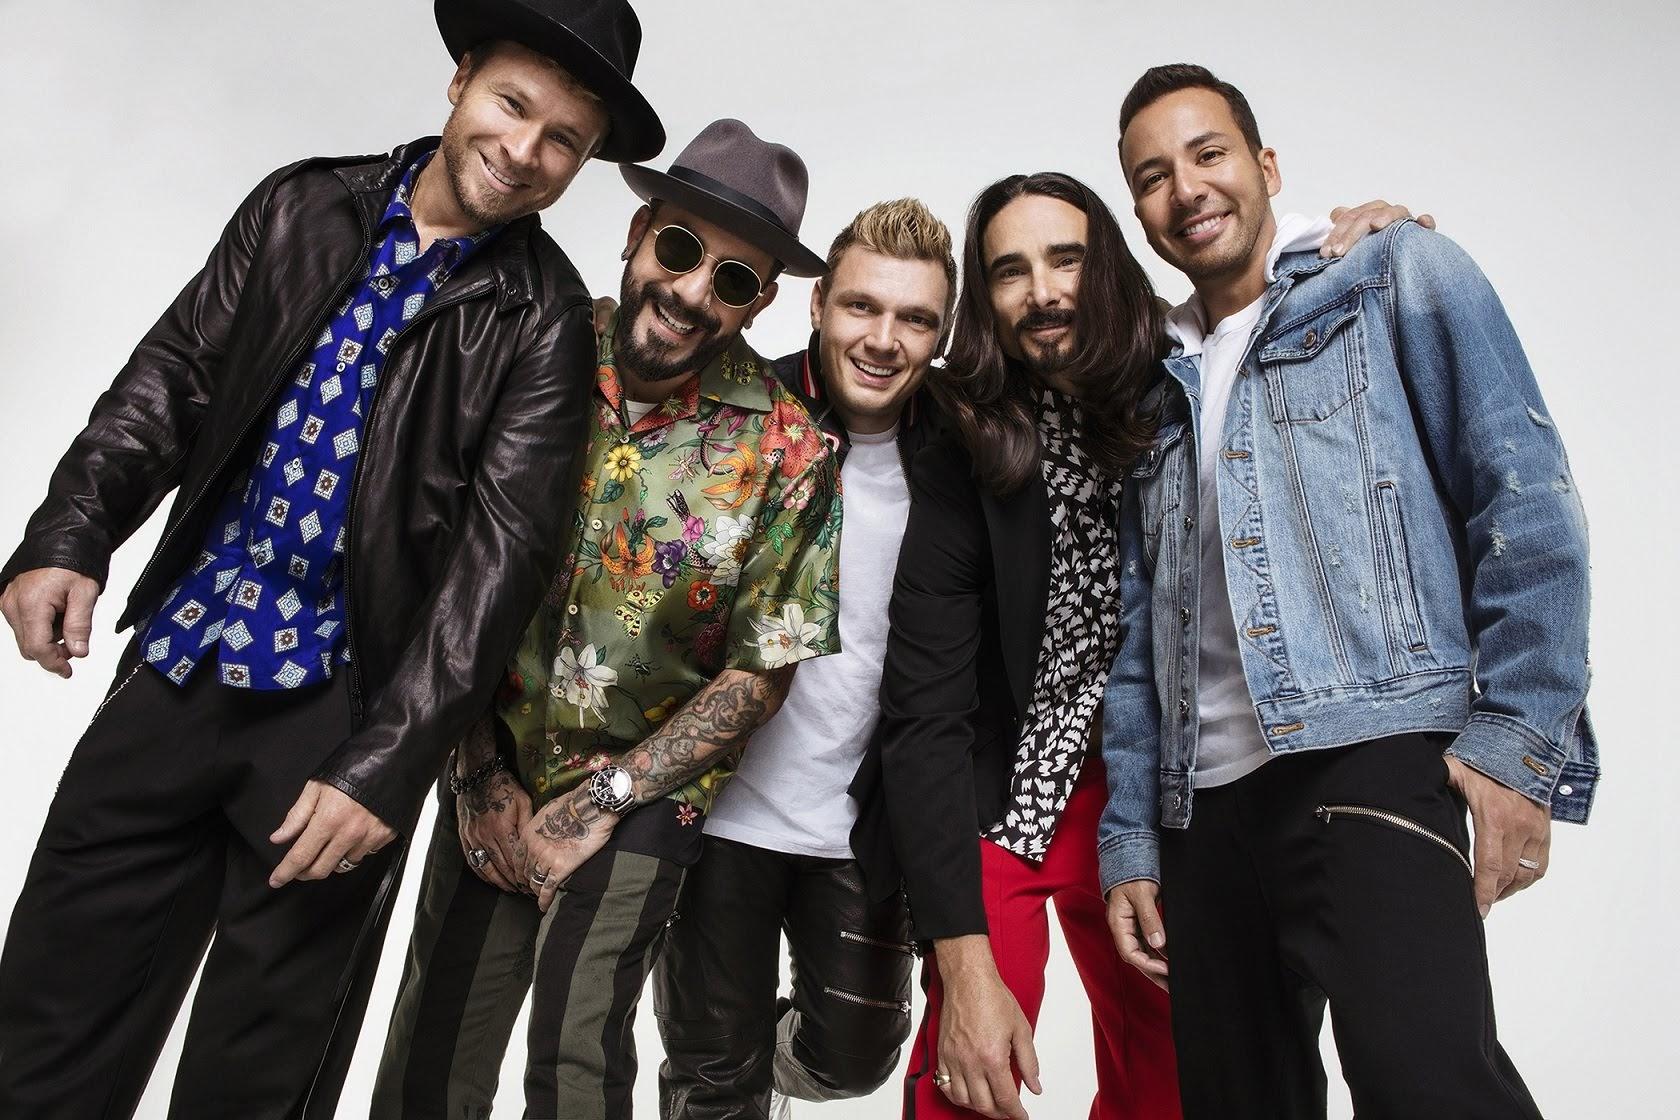 [迷迷演唱會] 90年代不敗神話 新好男孩 Backstreet Boys 10月完整體再度攻台開唱